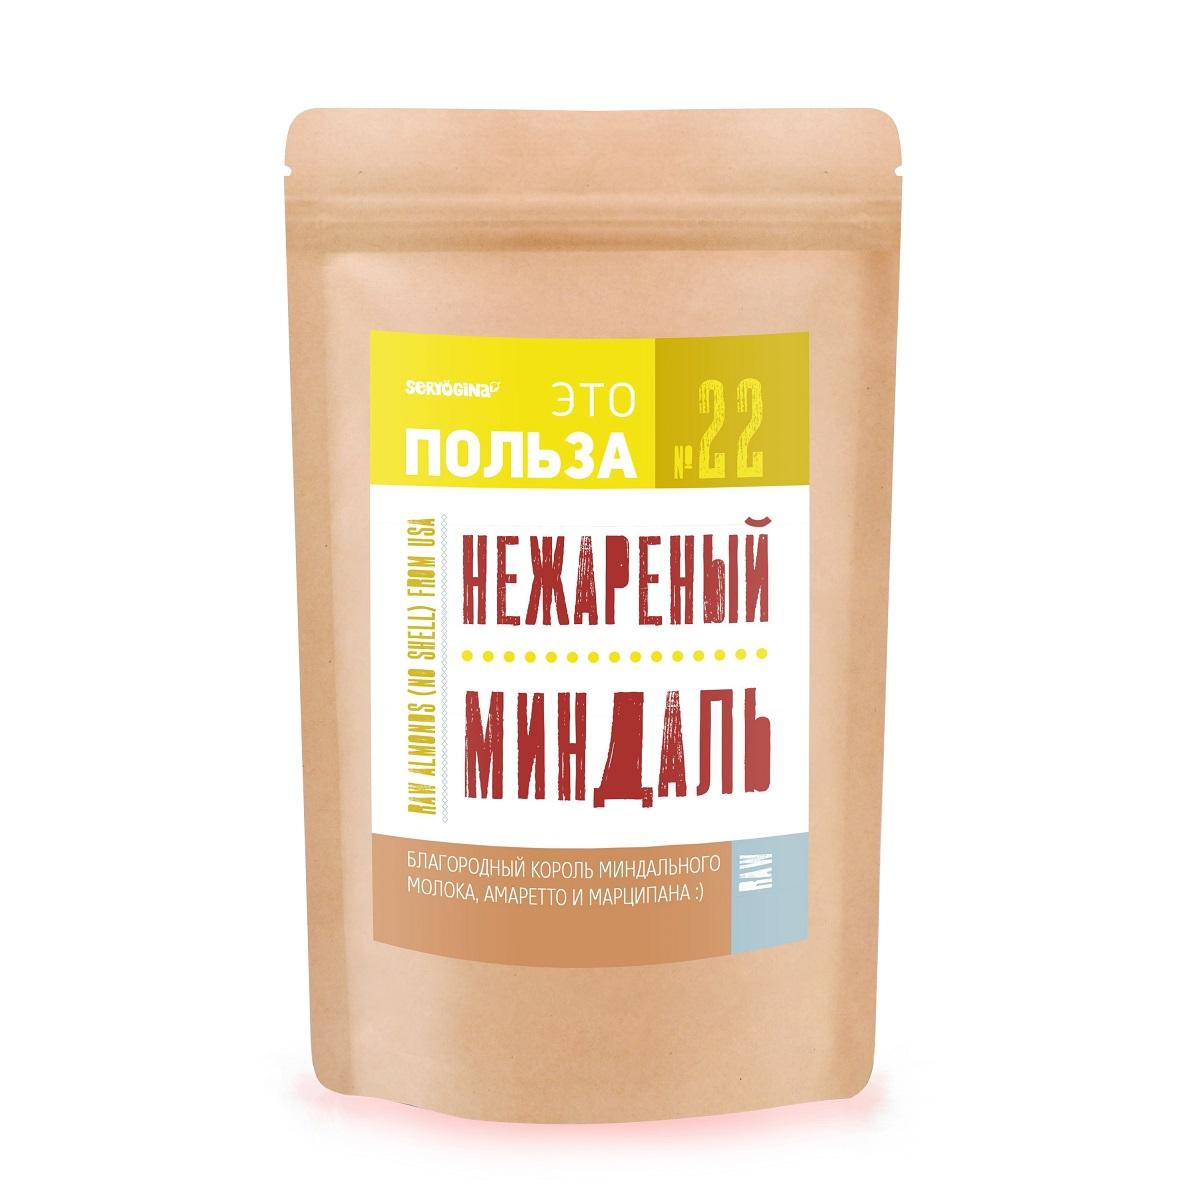 Seryogina Миндаль нежареный, 900 г006-0006Сладкий вкусный миндаль. Идеален для приготовления десертов и сладостей. 40% дневной нормы кальция и магния, богат витаминами групп В и Е, белком, железом, цинком, фосфора в нем больше, чем в других орехах.